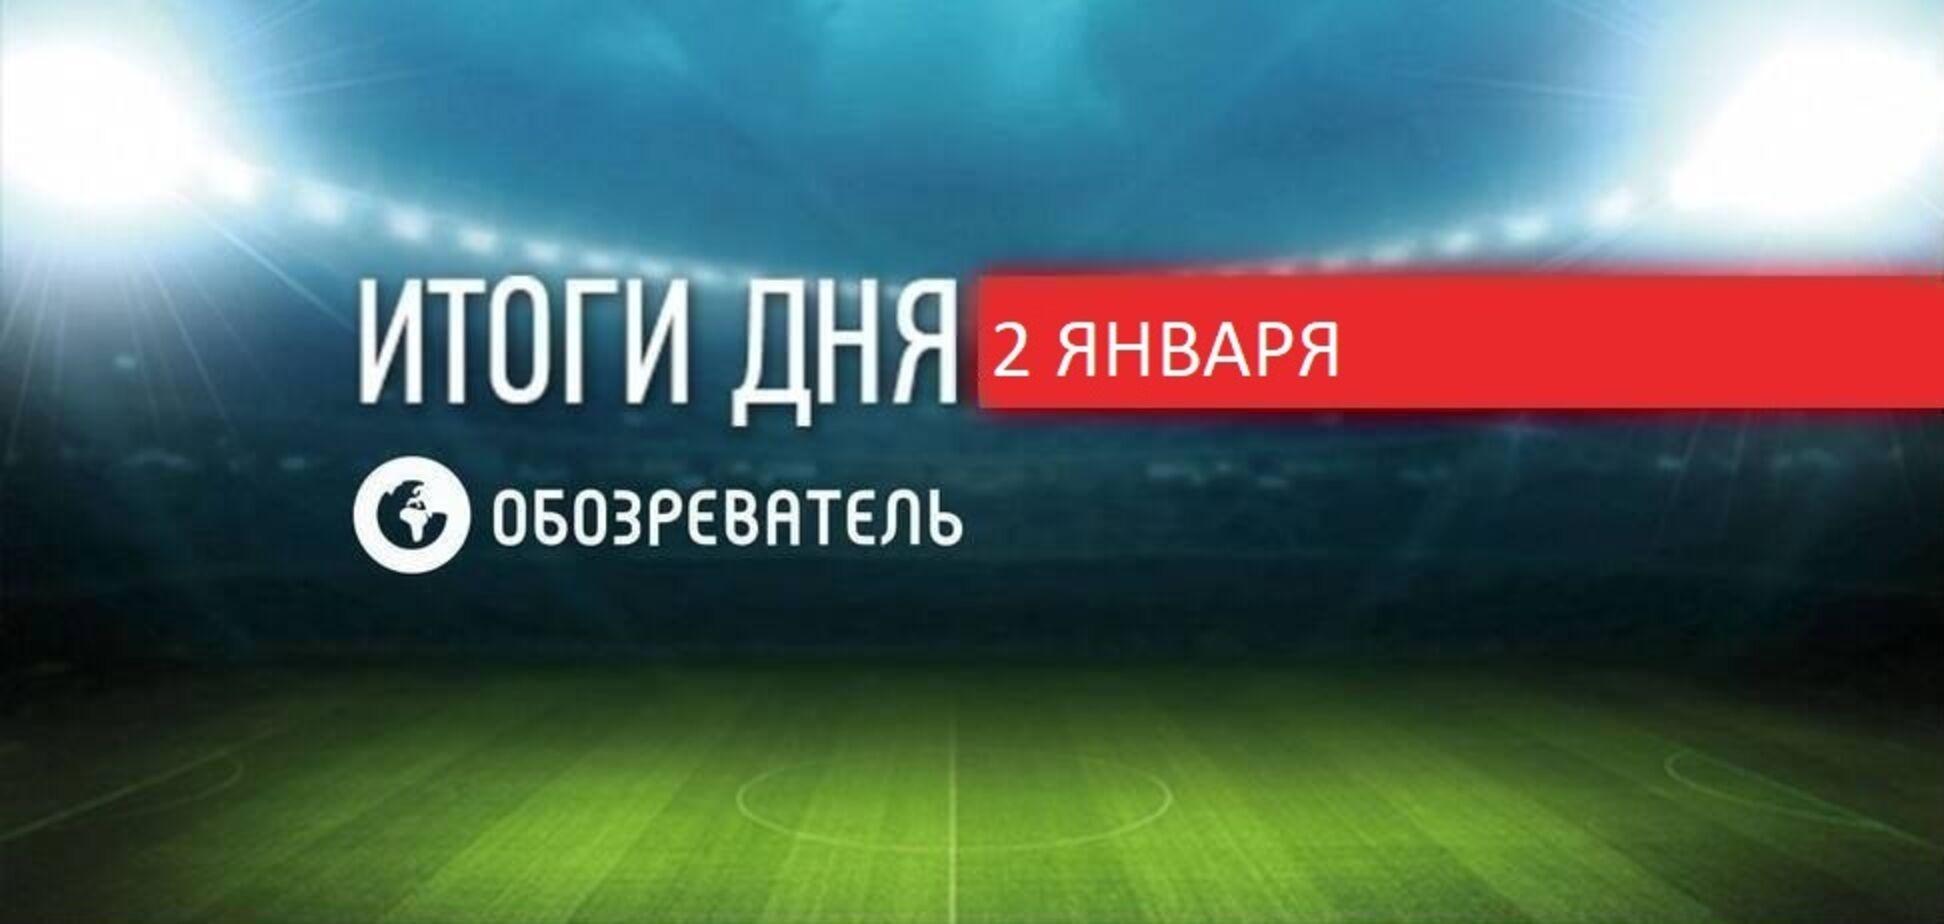 Ломаченко назвал нереальным реванш с Лопесом: спортивные итоги 2 января